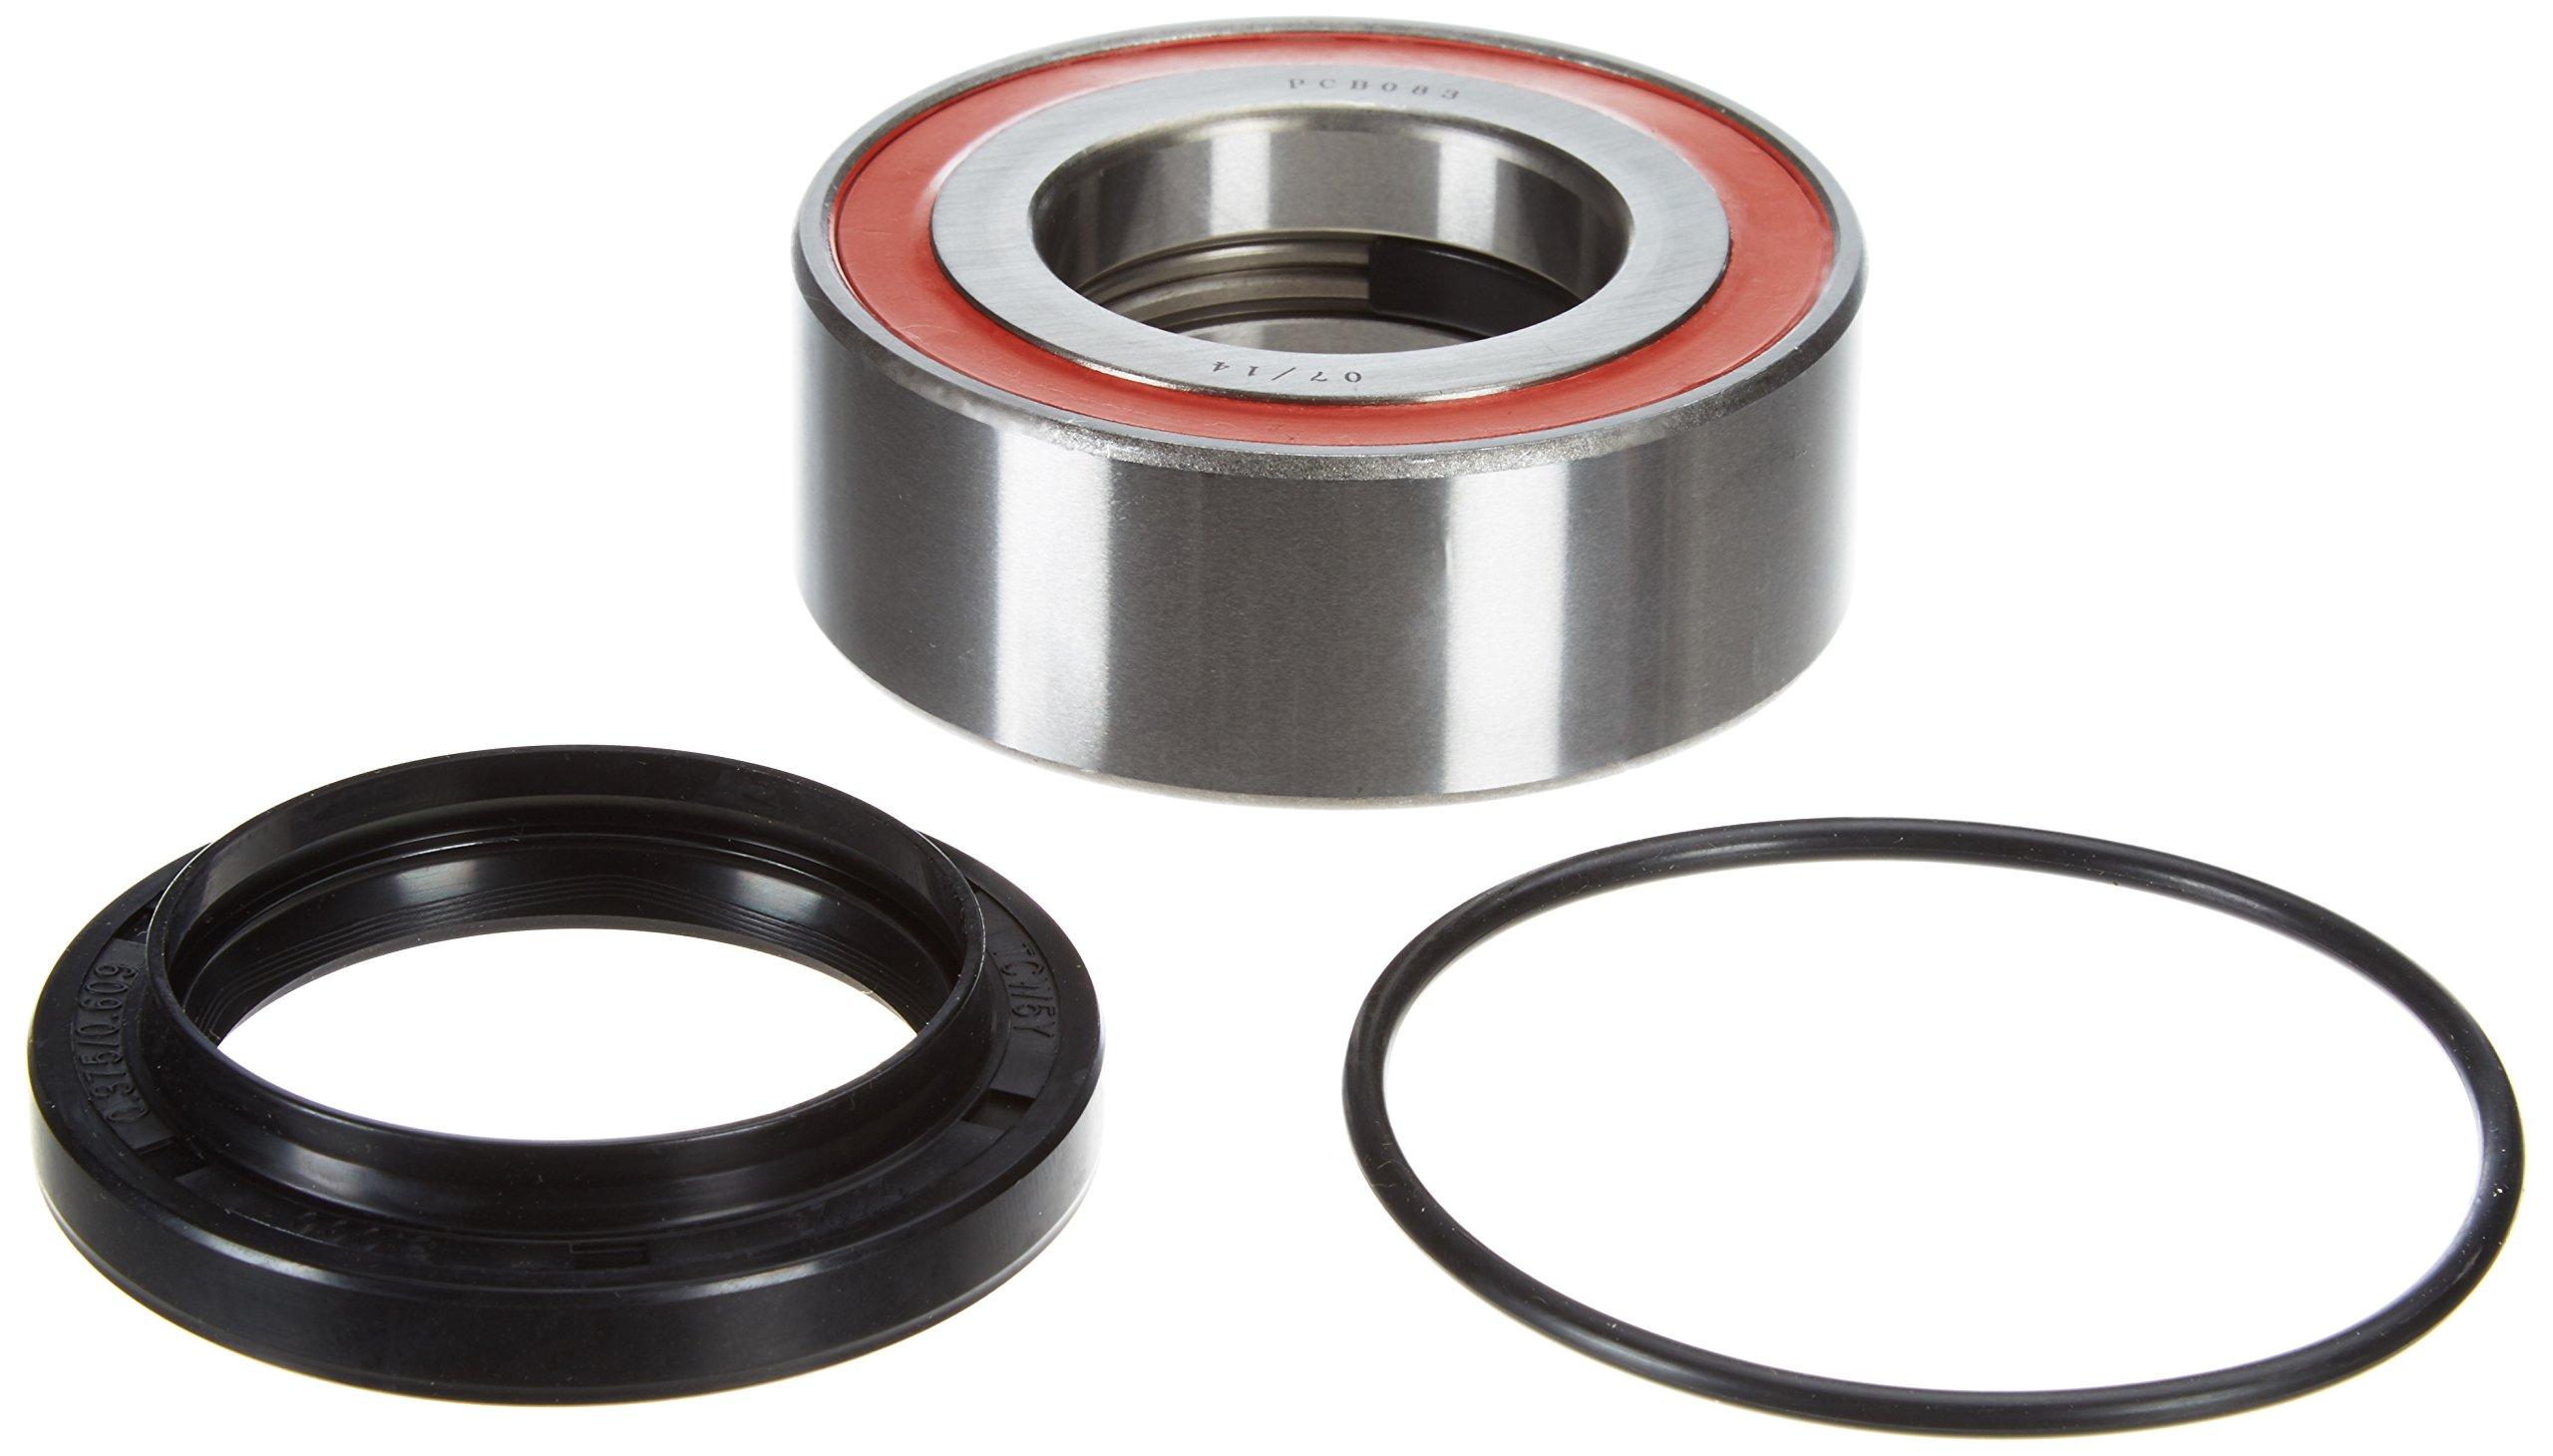 Triscan 8530 16240 Wheel Bearing Kit